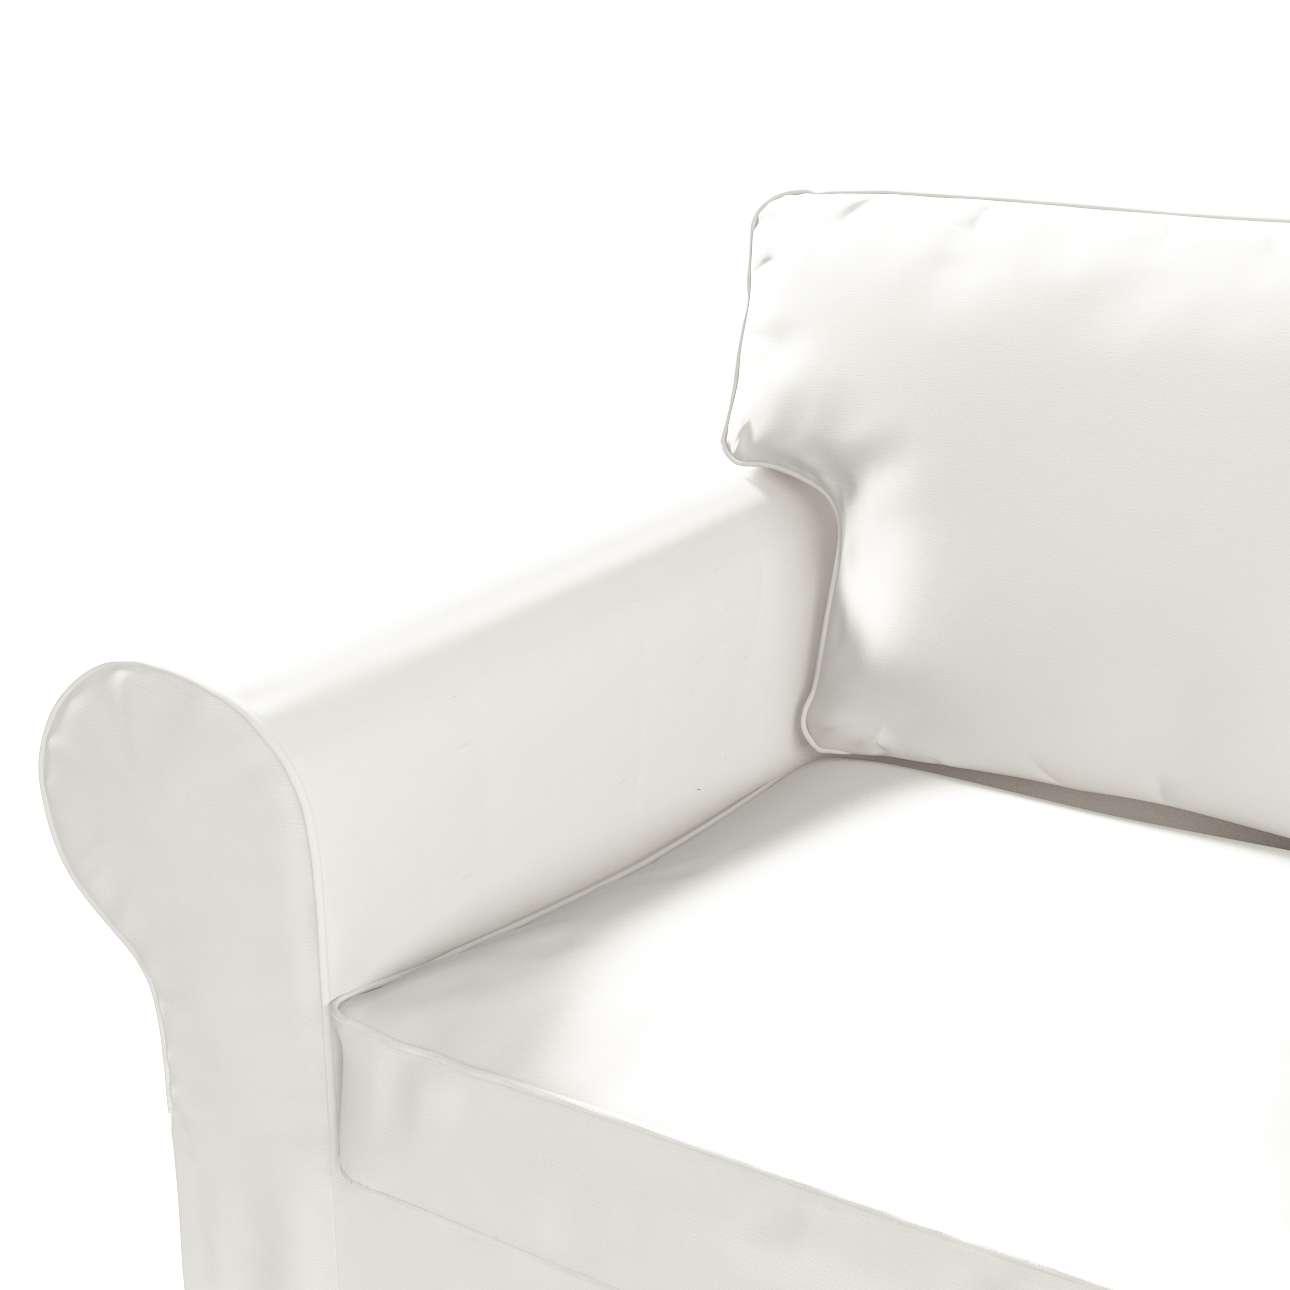 Ektorp 2 sæder Betræk uden sofa fra kollektionen Cotton Panama, Stof: 702-34